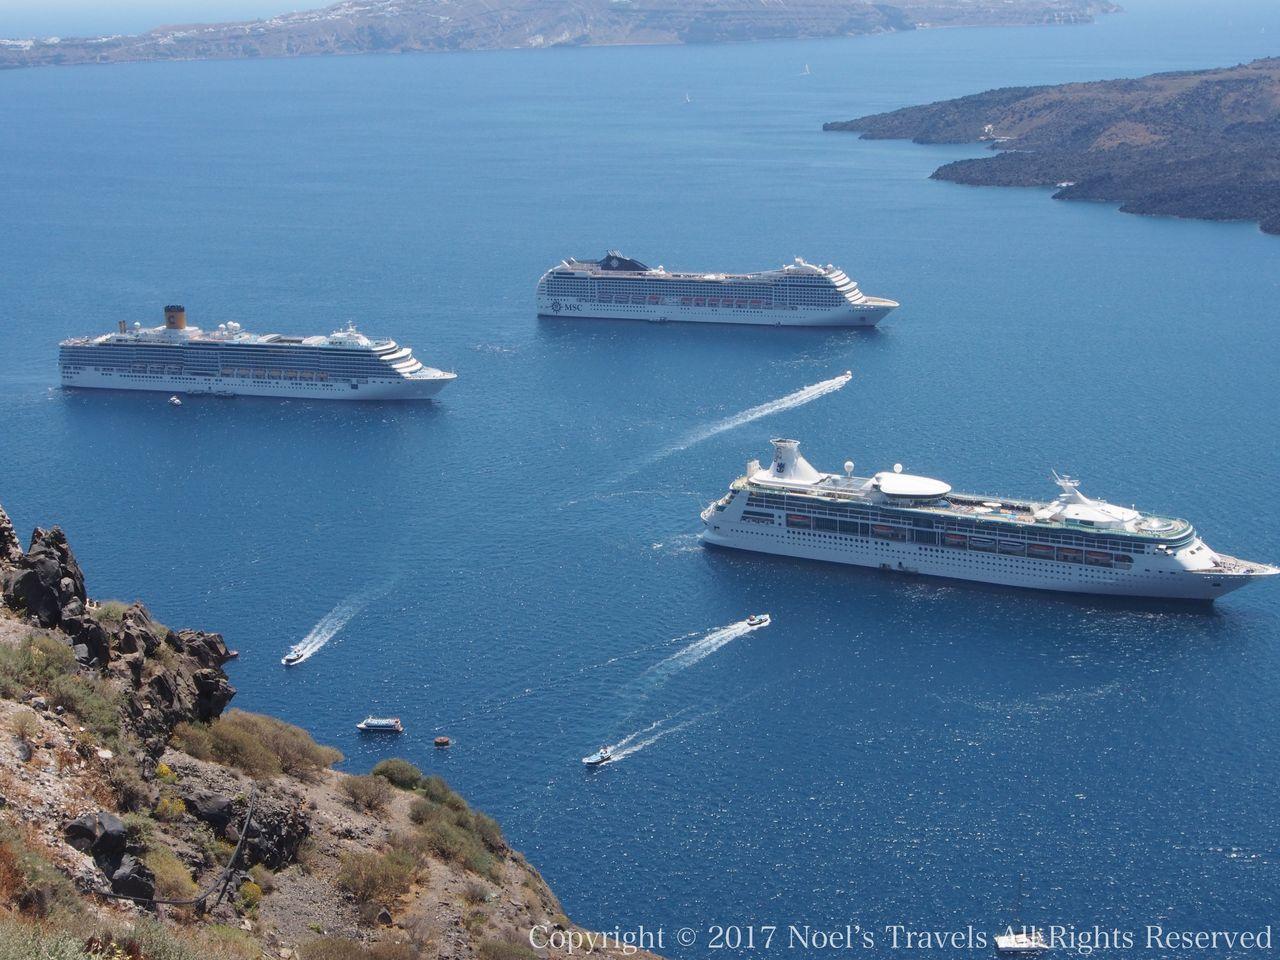 エーゲ海のクルーズ船